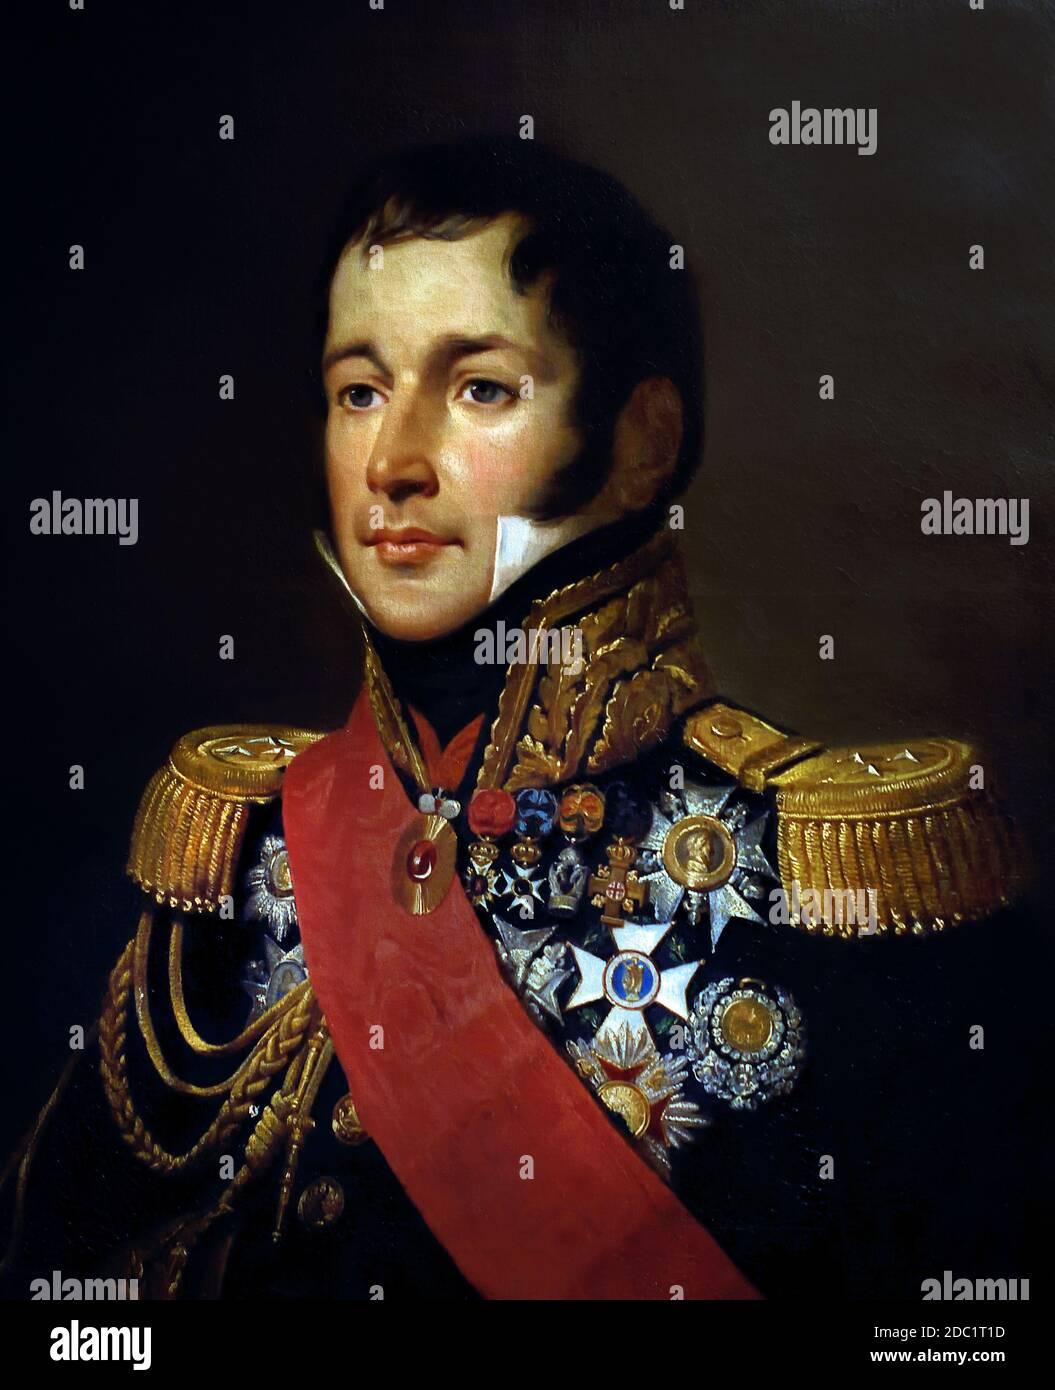 Armand Charles, Conde Guilleminot, 1774 – 1840, general francés durante las guerras napoleónicas. Francia, francés. ( ejército del emperador Napoleón Bonaparte ) Foto de stock